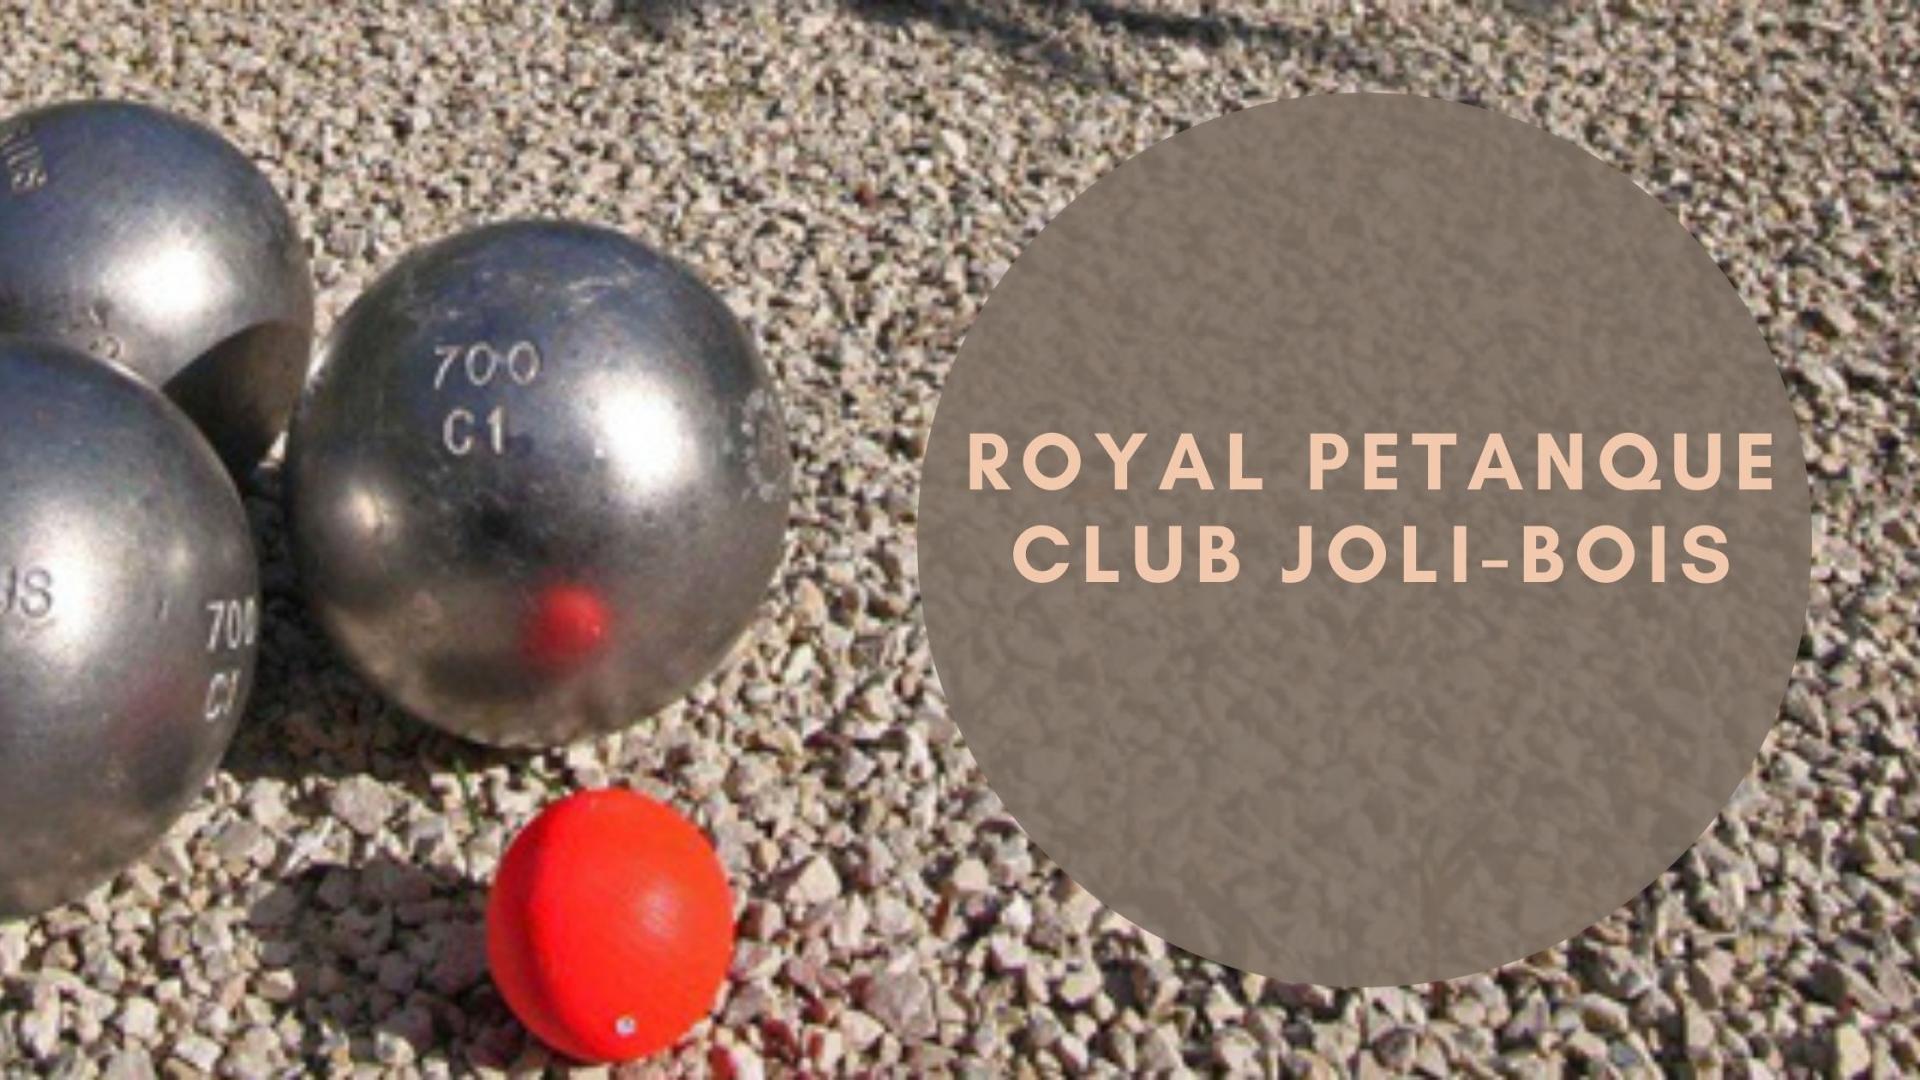 ROYAL PETANQUE CLUB JOLI-BOIS